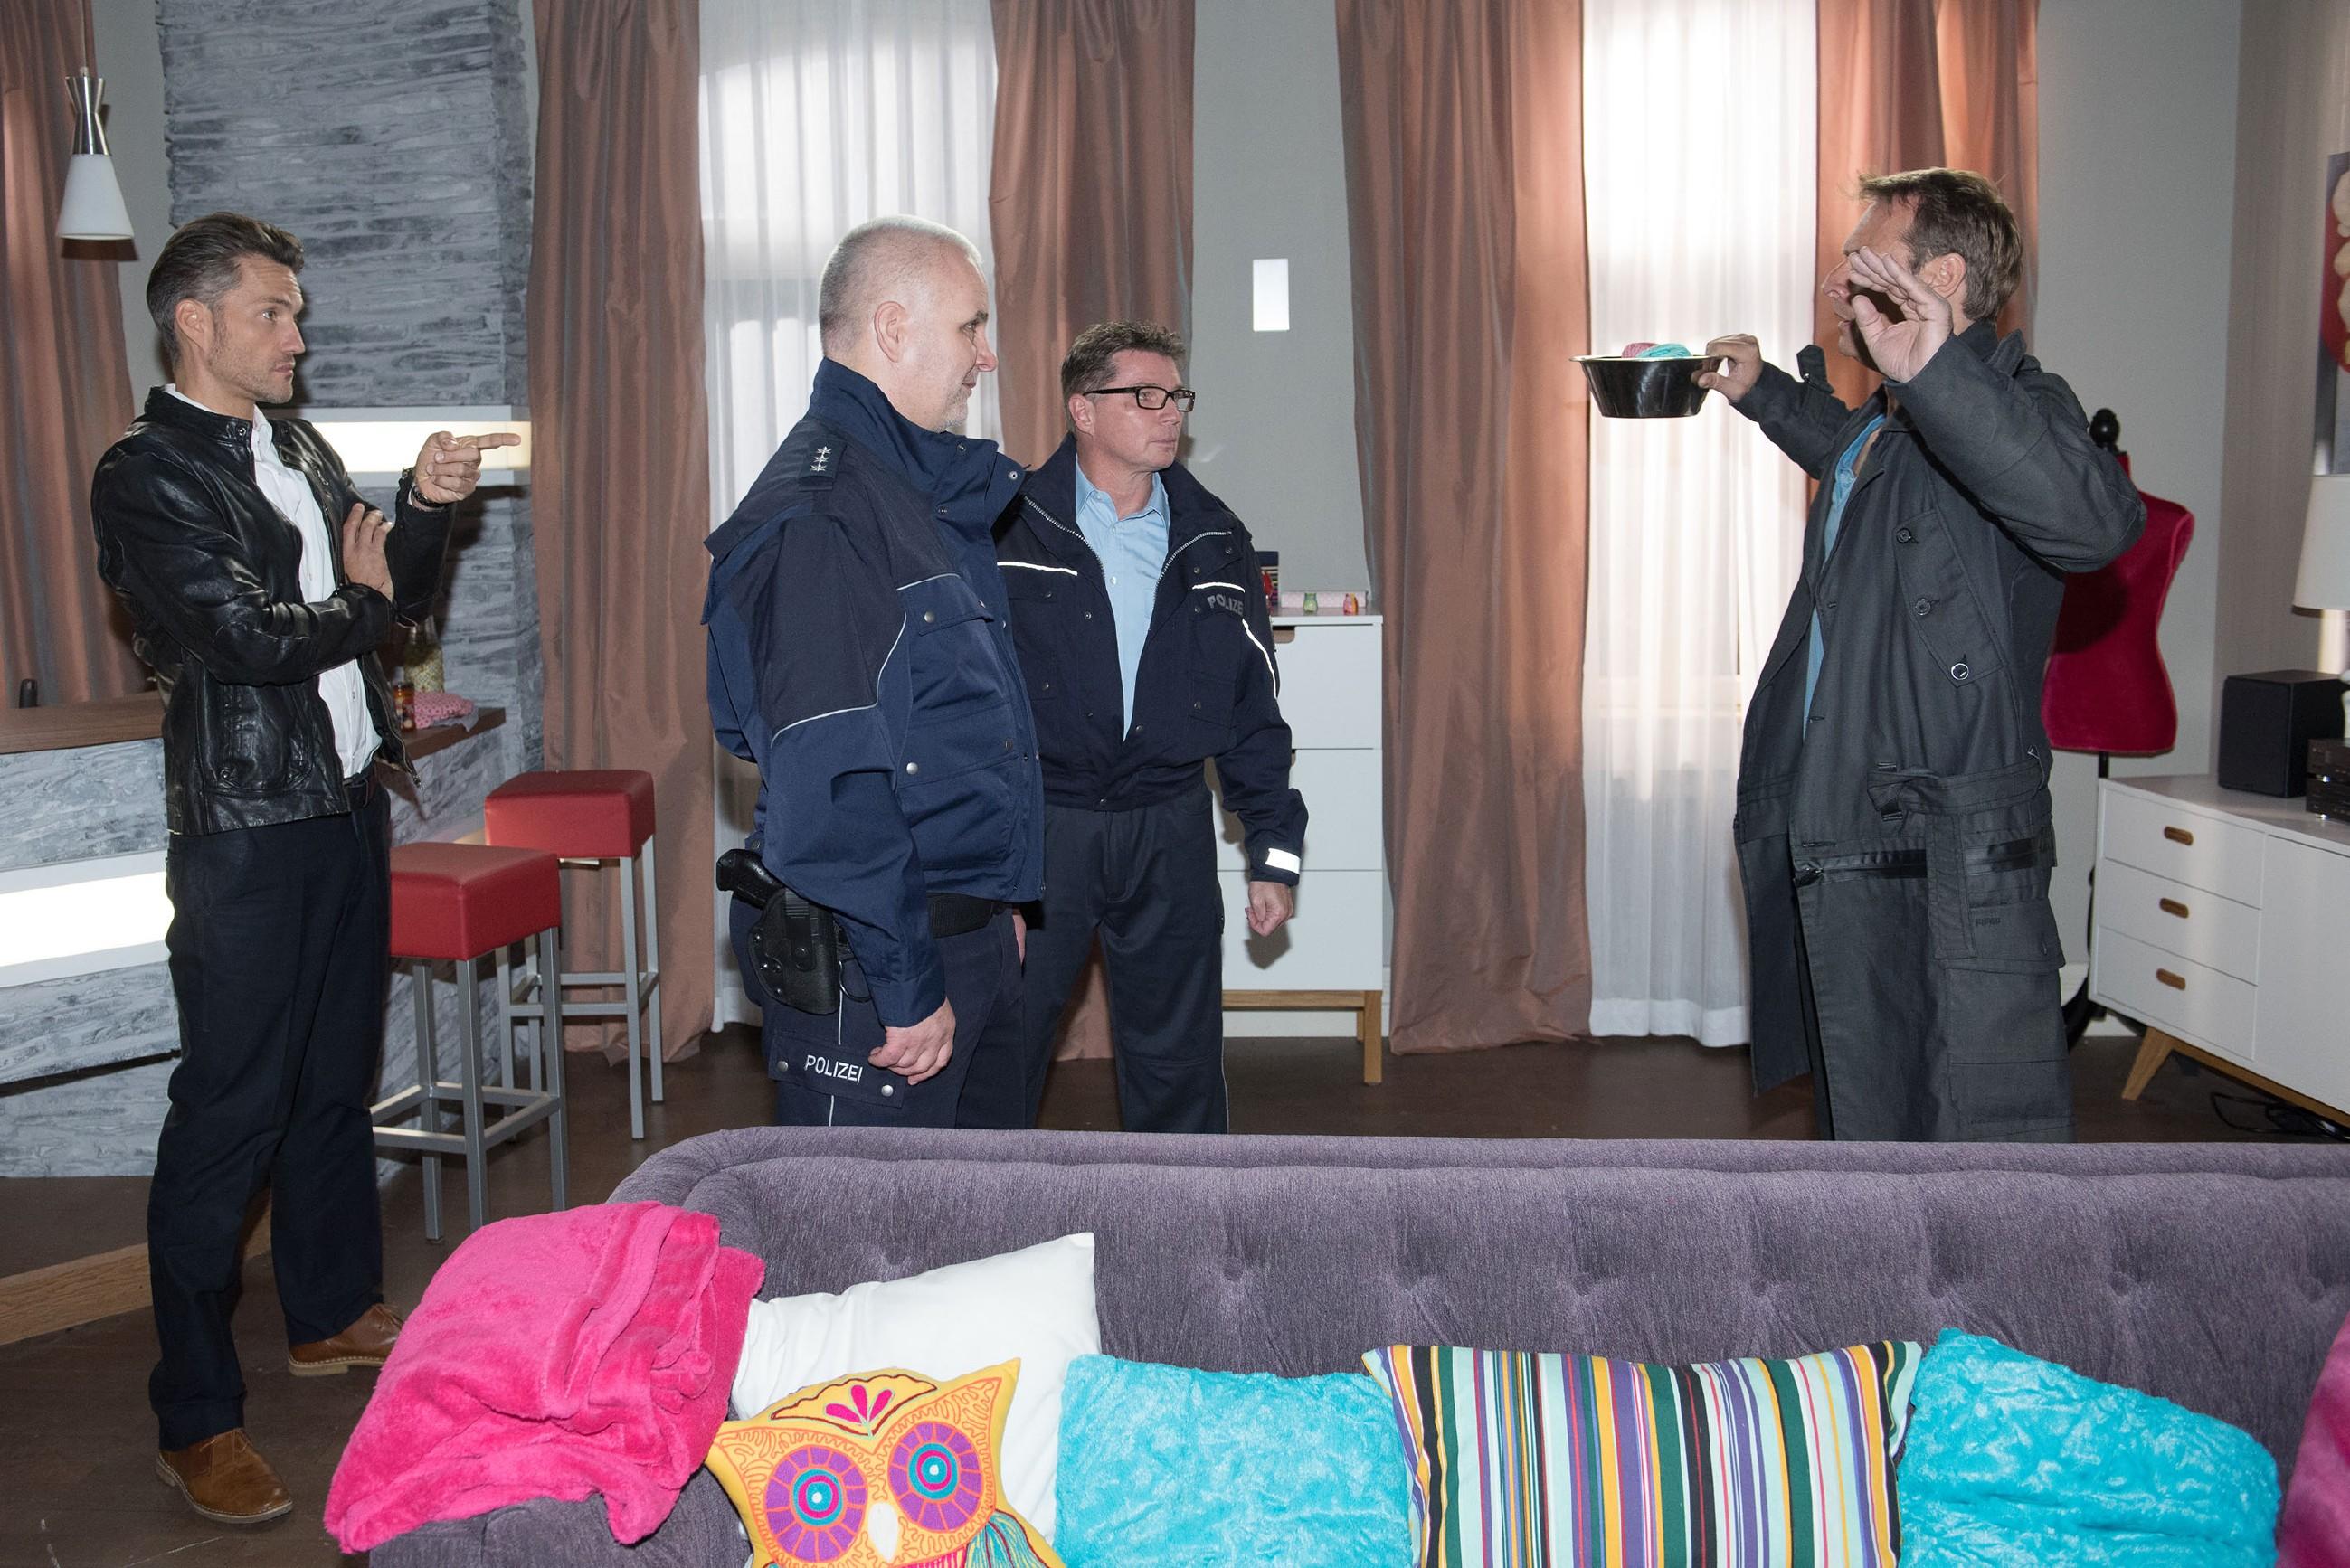 Malte (Stefan Bockelmann, l.) lässt Rufus (Kai Noll, r.), der in seiner Wohnung nach Brittas Schüssel sucht, von der Polizei (Komparsen) festnehmen. Während Rufus wütend wird, ist Malte enttäuscht, dass Rufus seinem Wort nicht zu trauen scheint. (Quelle: RTL / Stefan Behrens)